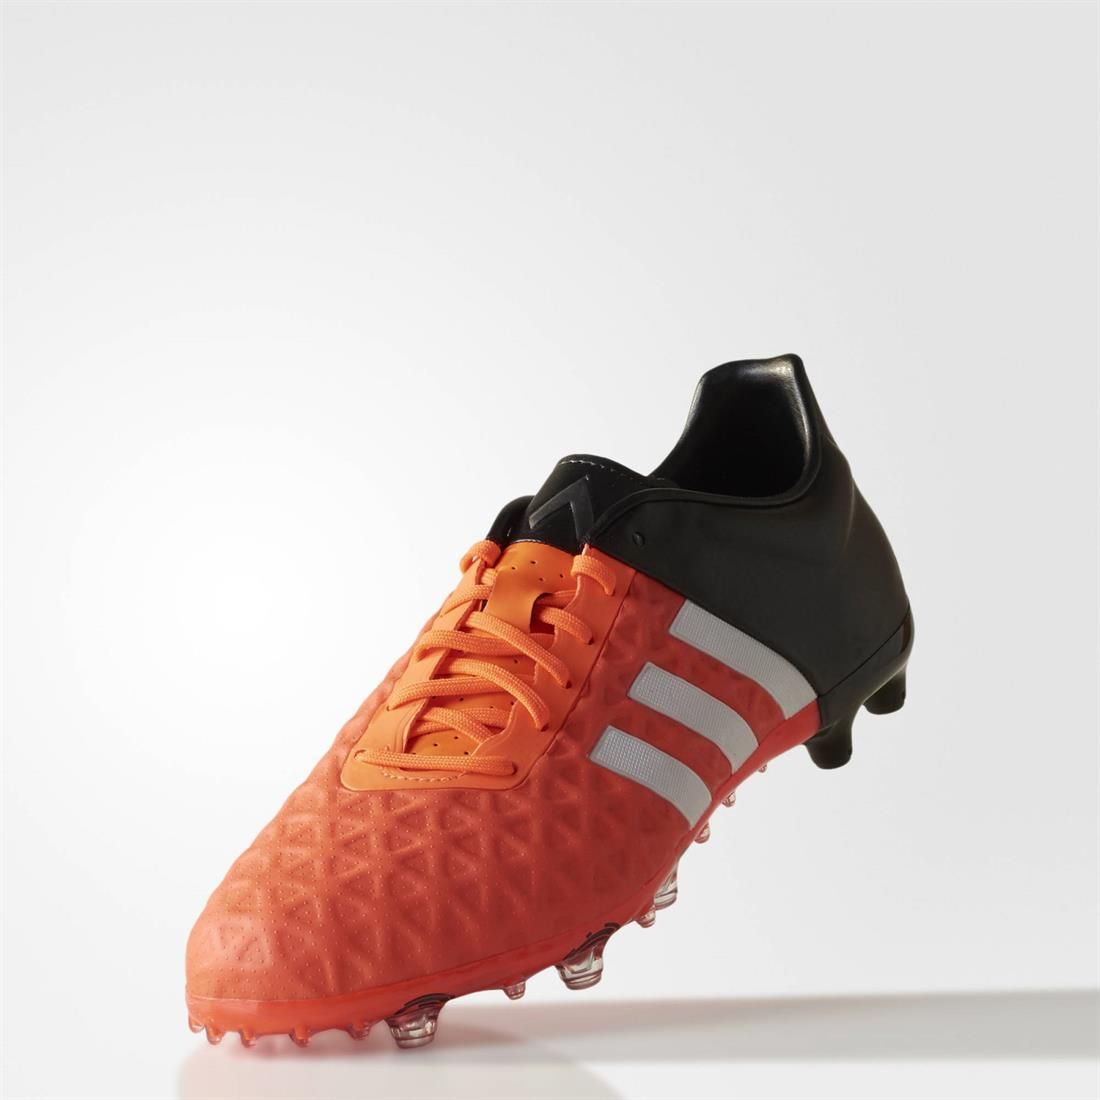 promo code 3b440 4e1ca Botas de fútbol Adidas ACE 15.2 FG AG